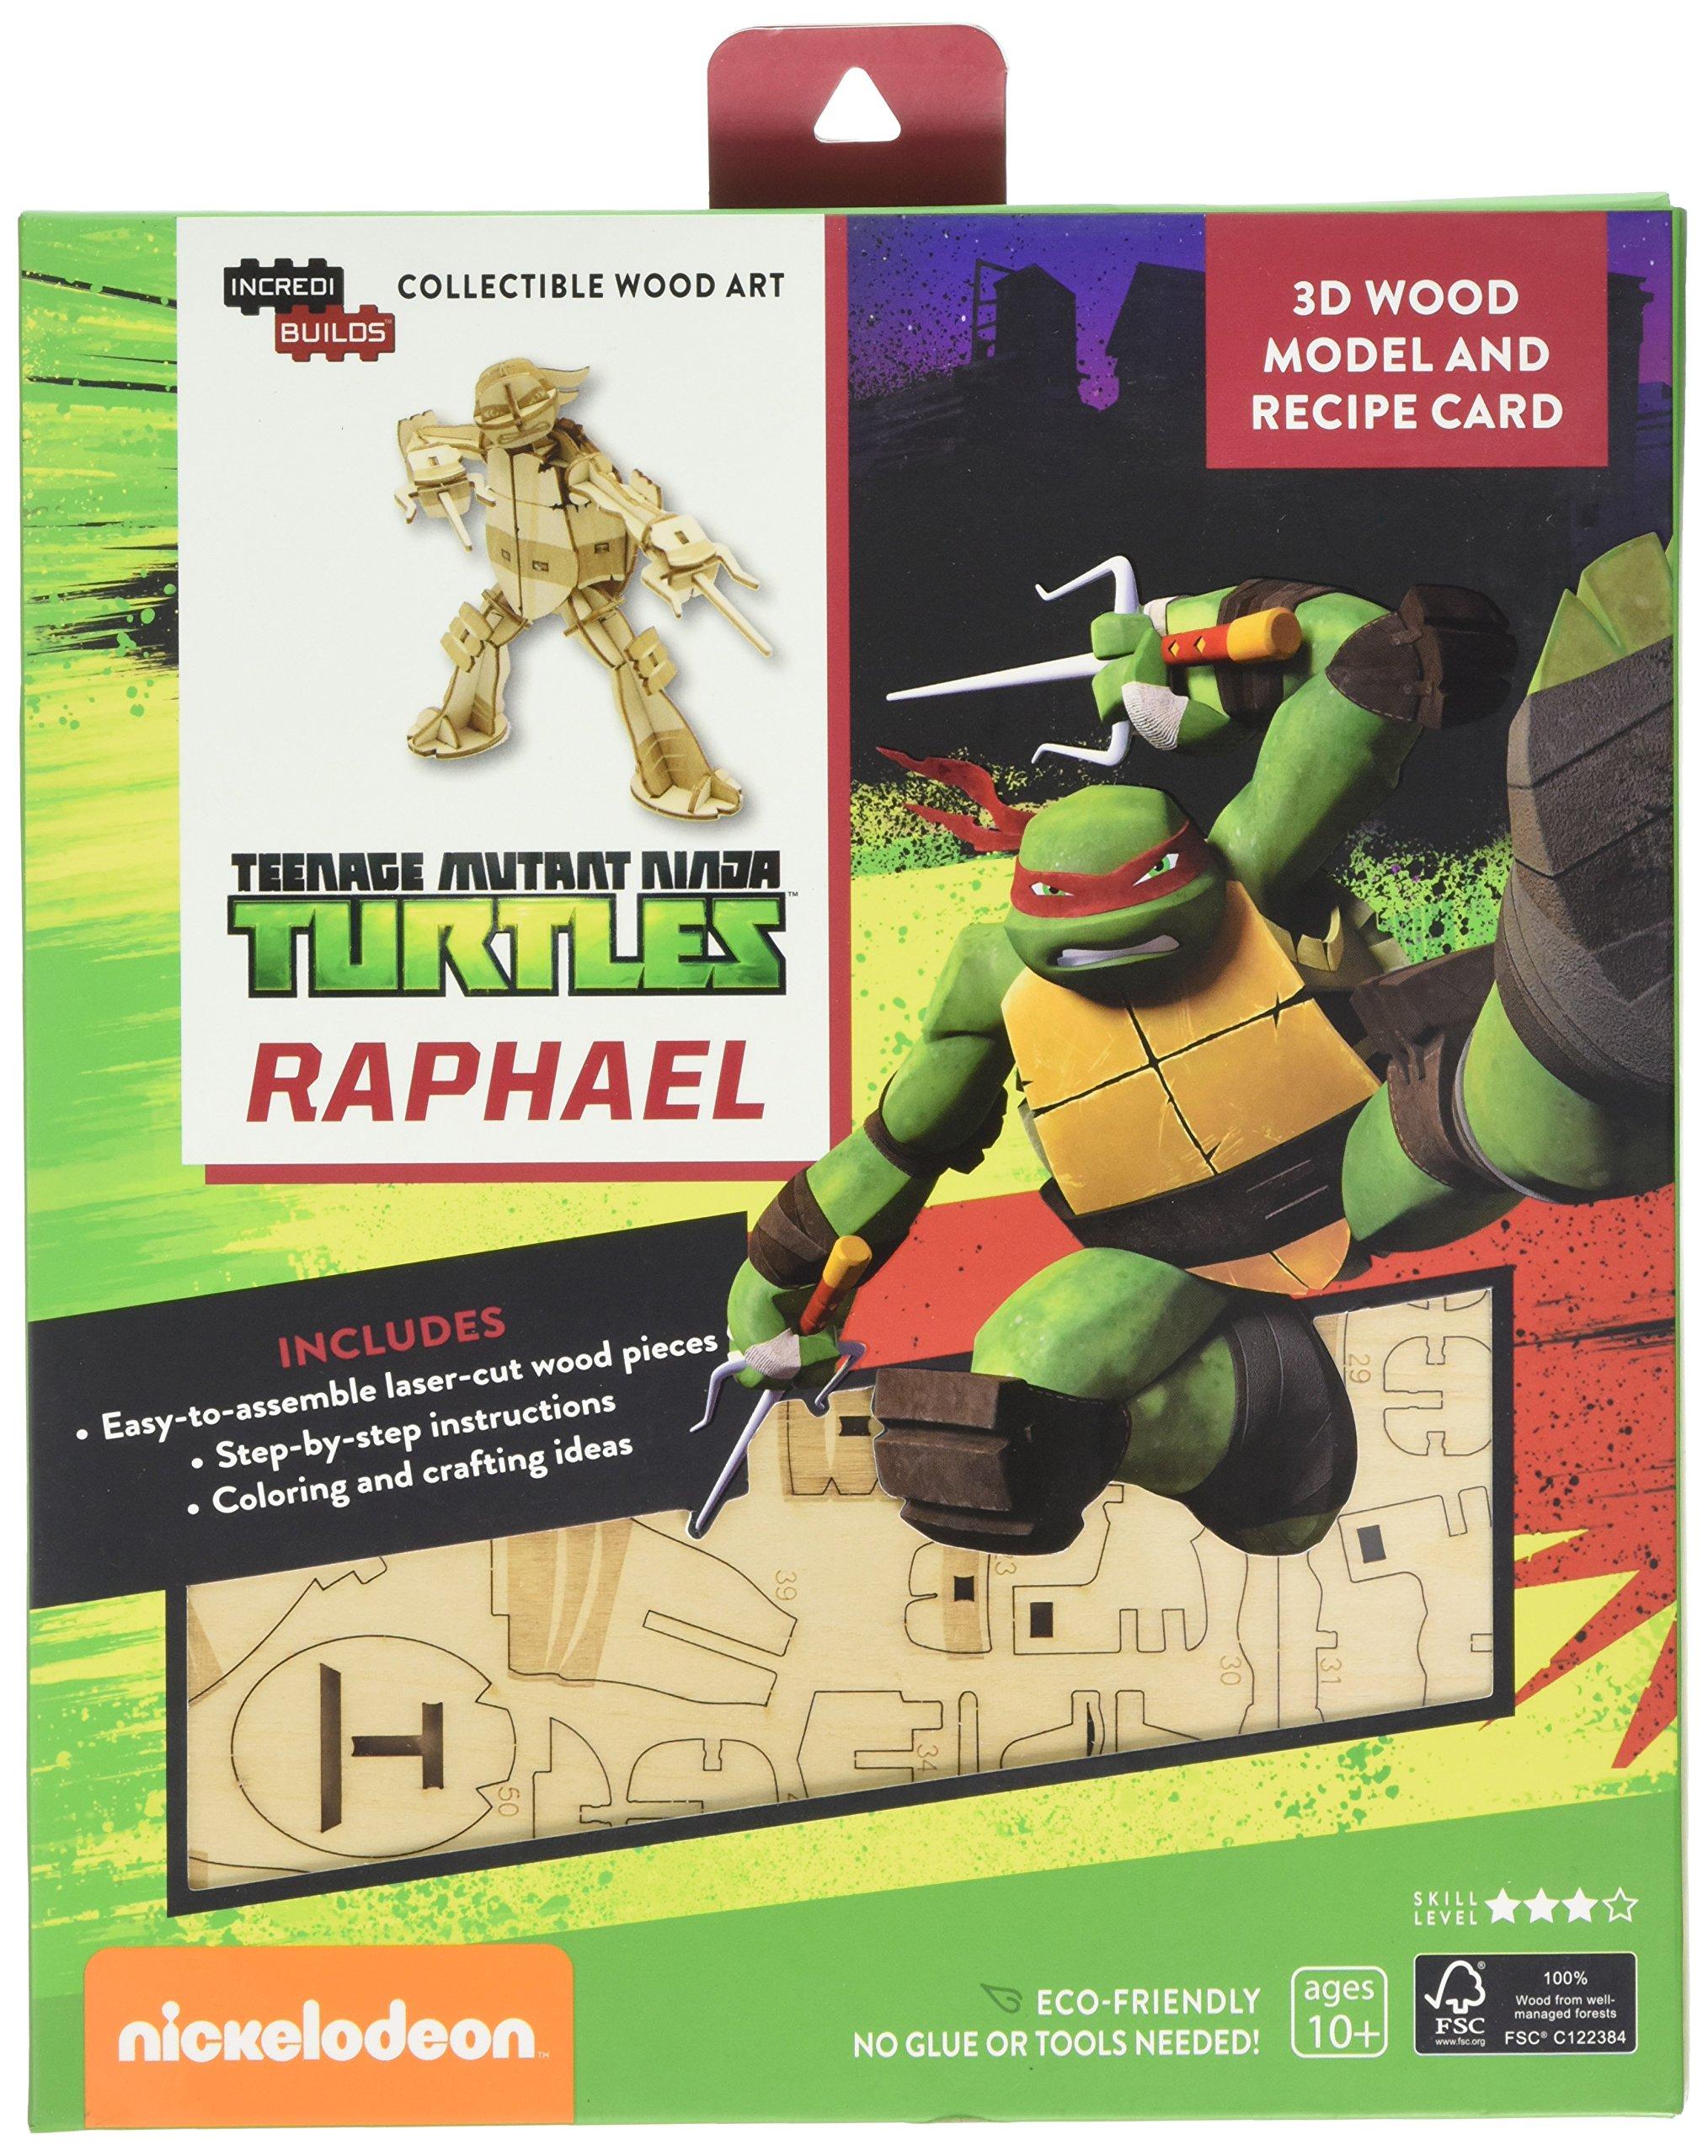 Amazon.com: IncrediBuilds: Teenage Mutant Ninja Turtles ...